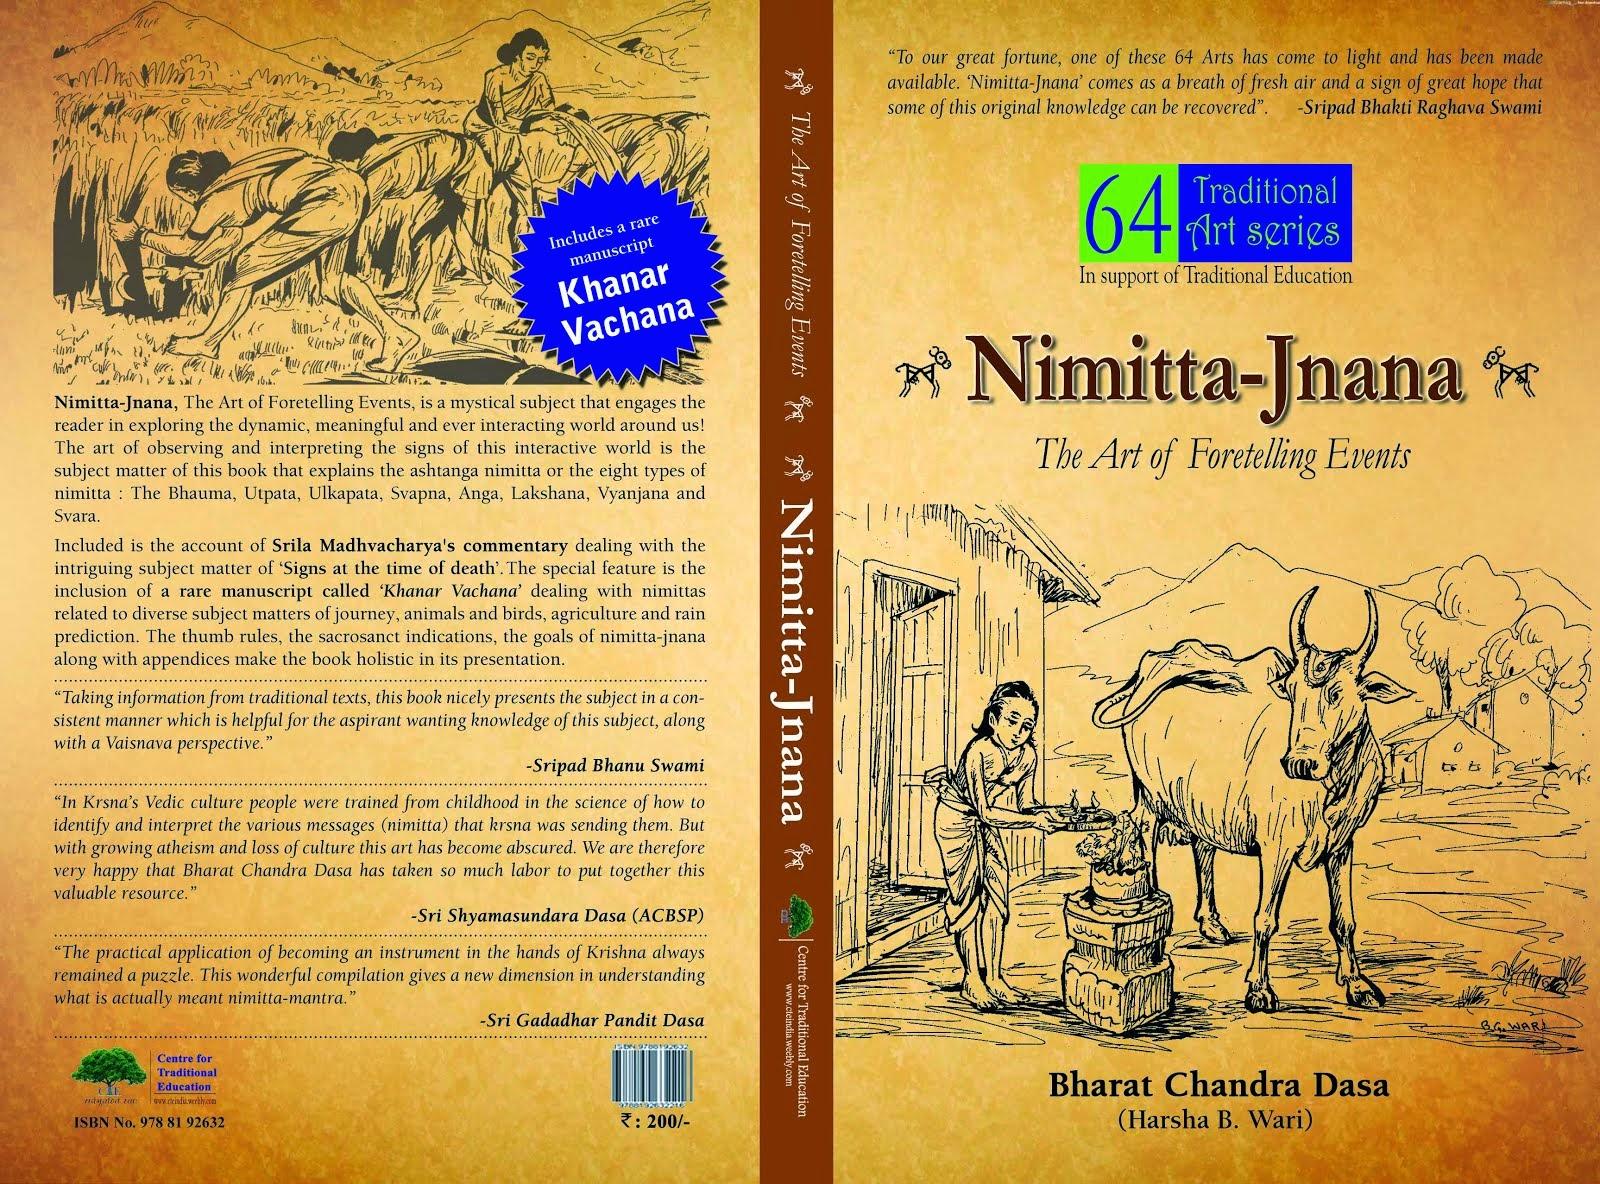 Nimitta-Jnana